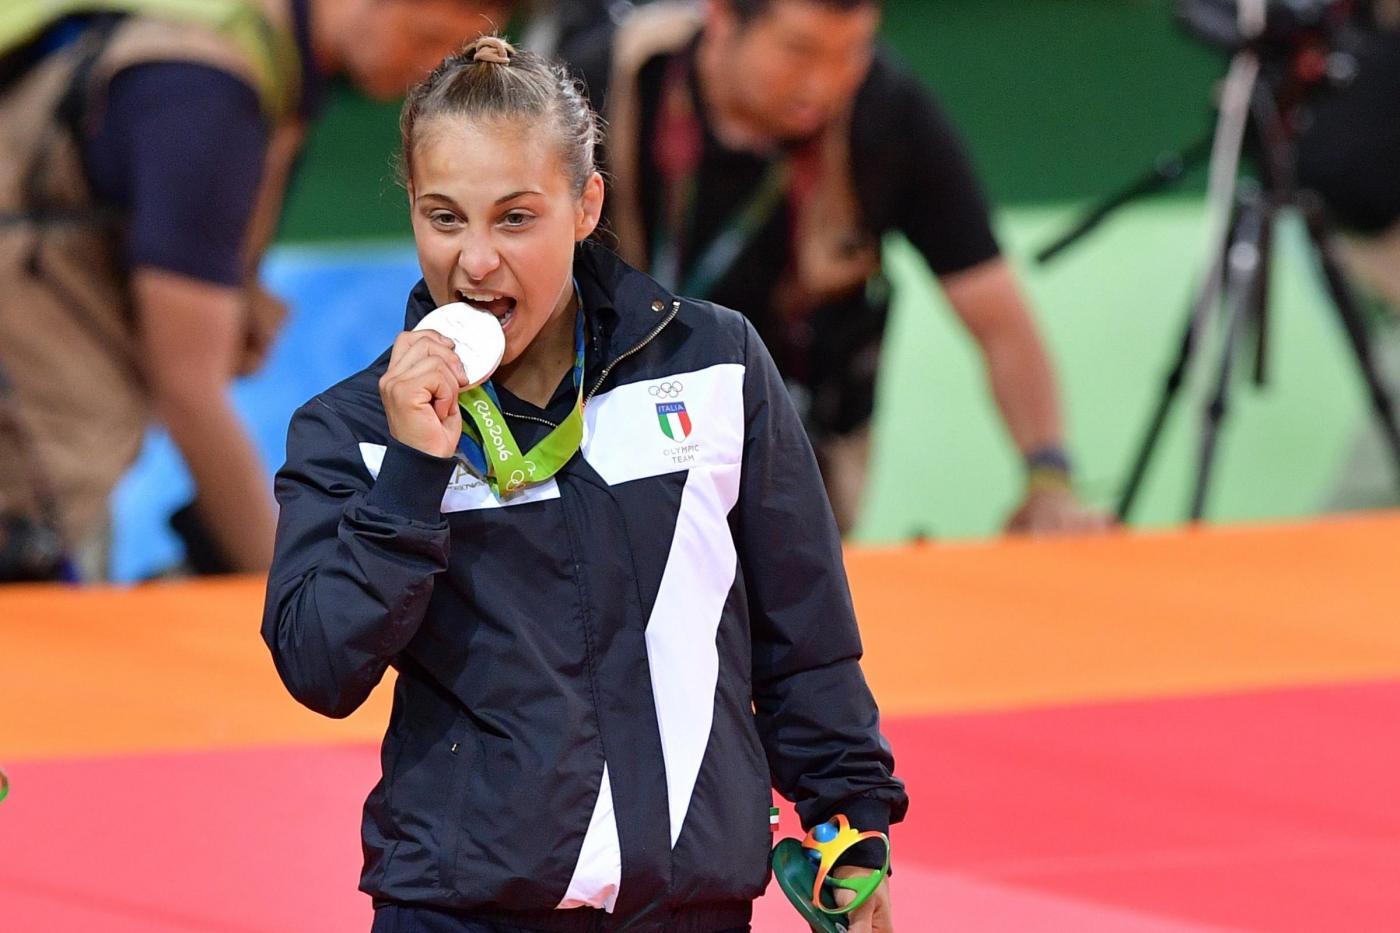 Olimpiadi Rio 2016, Judo: Basile vince l'oro, Giuffrida d'argento